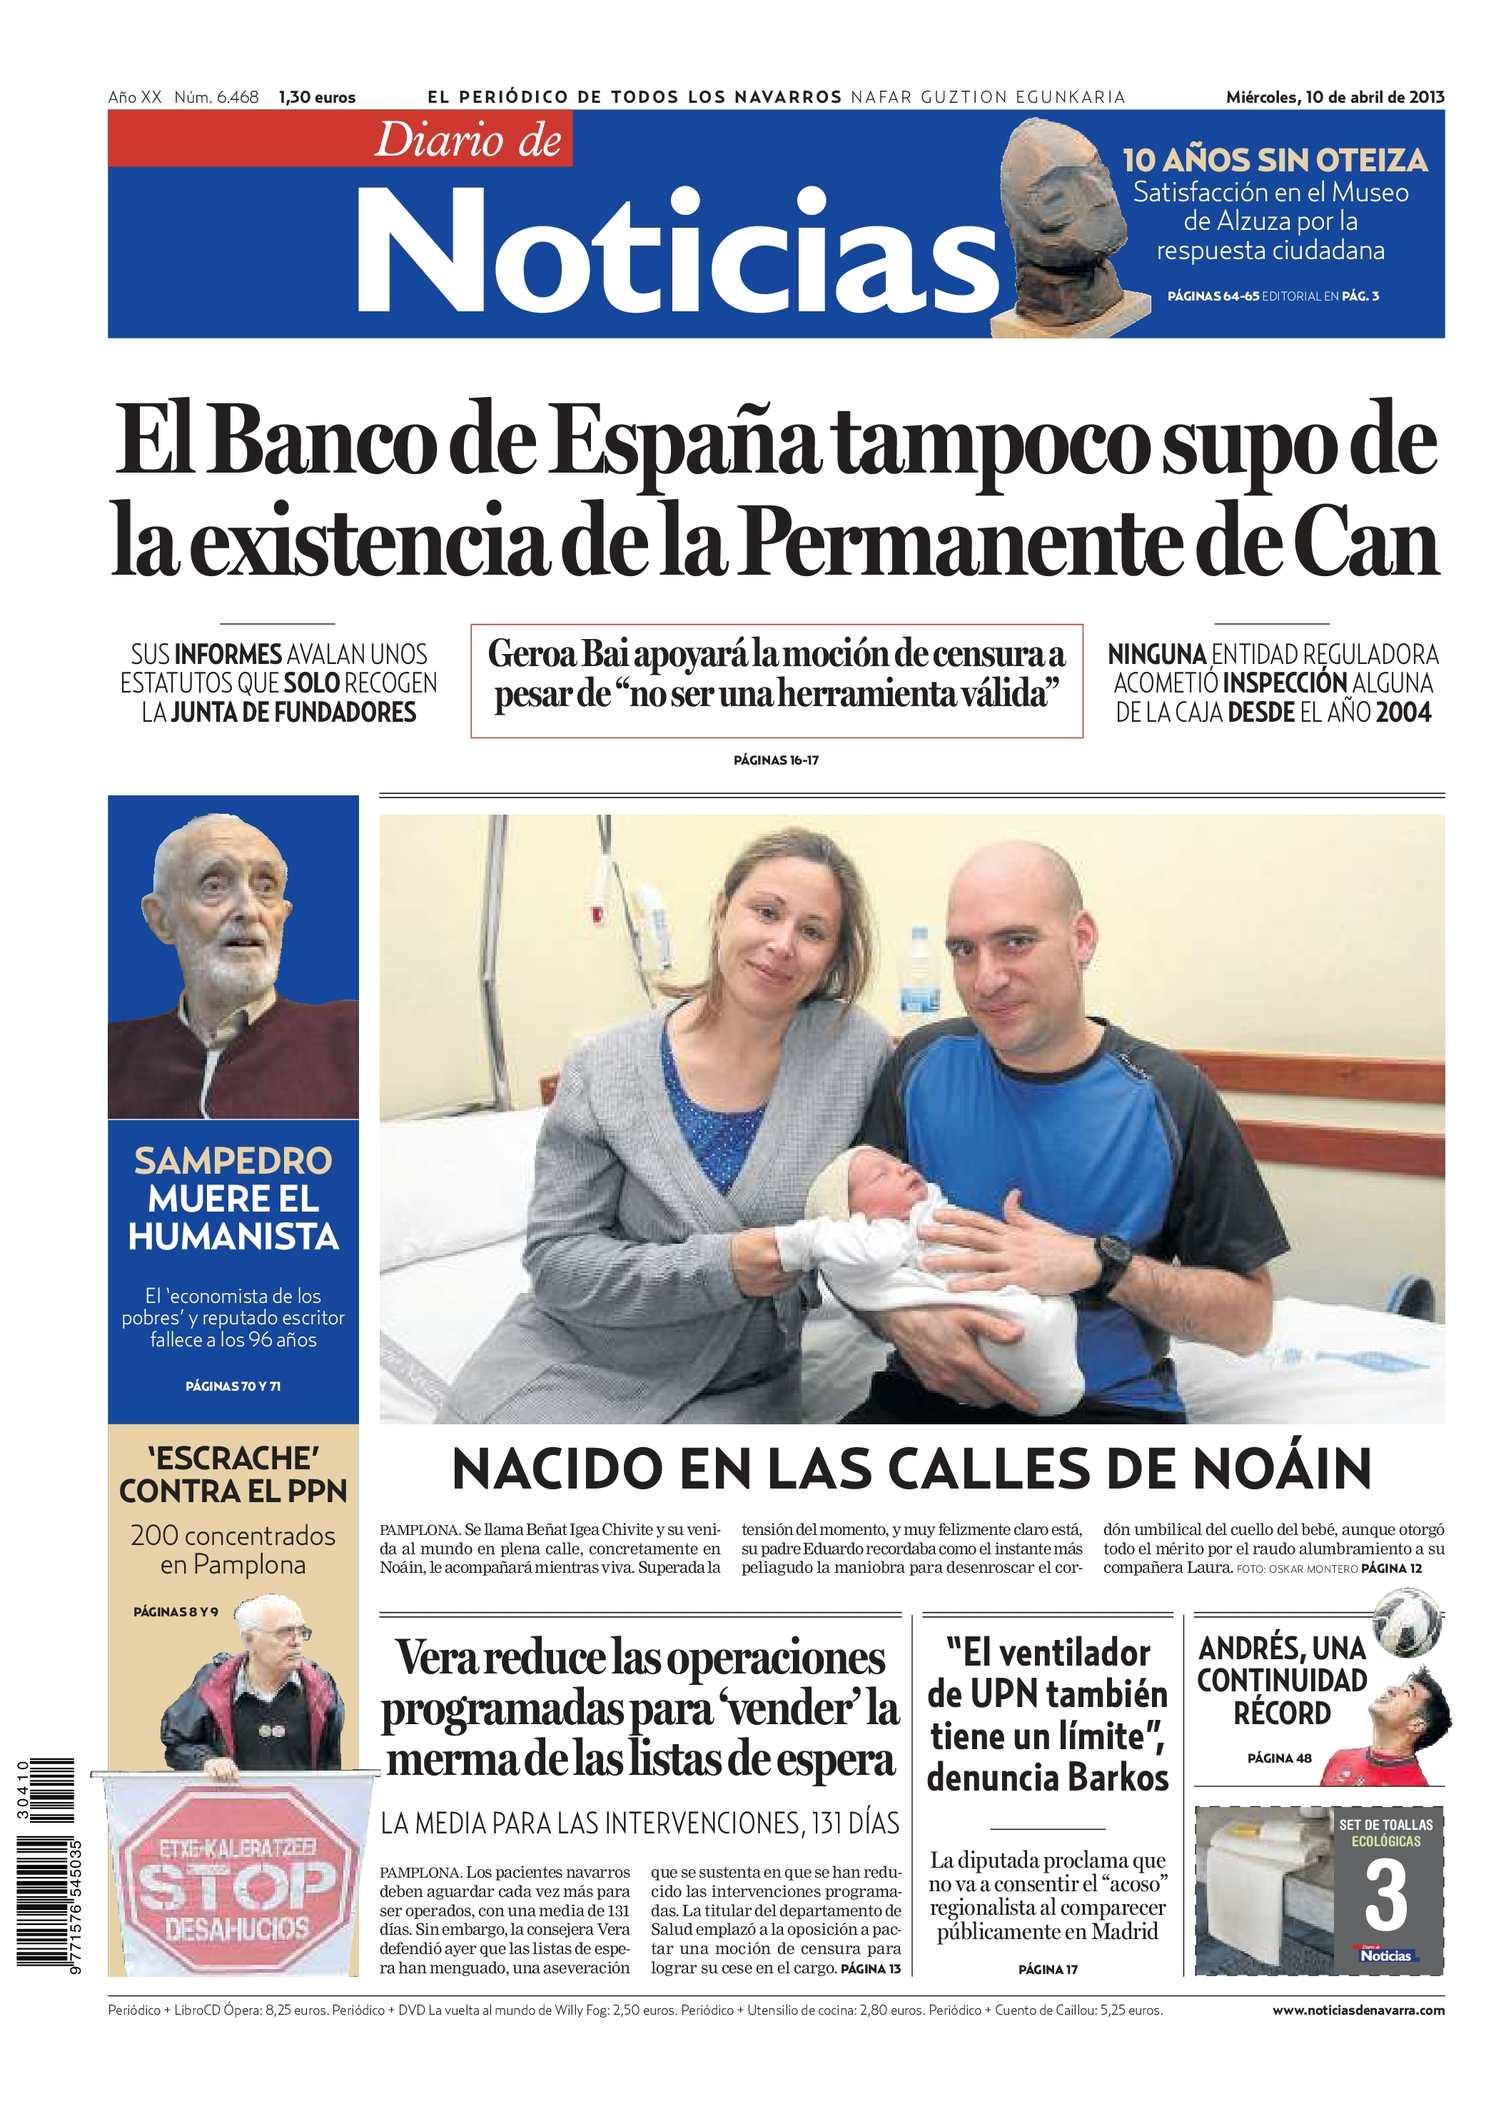 Calaméo - Diario de Noticias 20130410